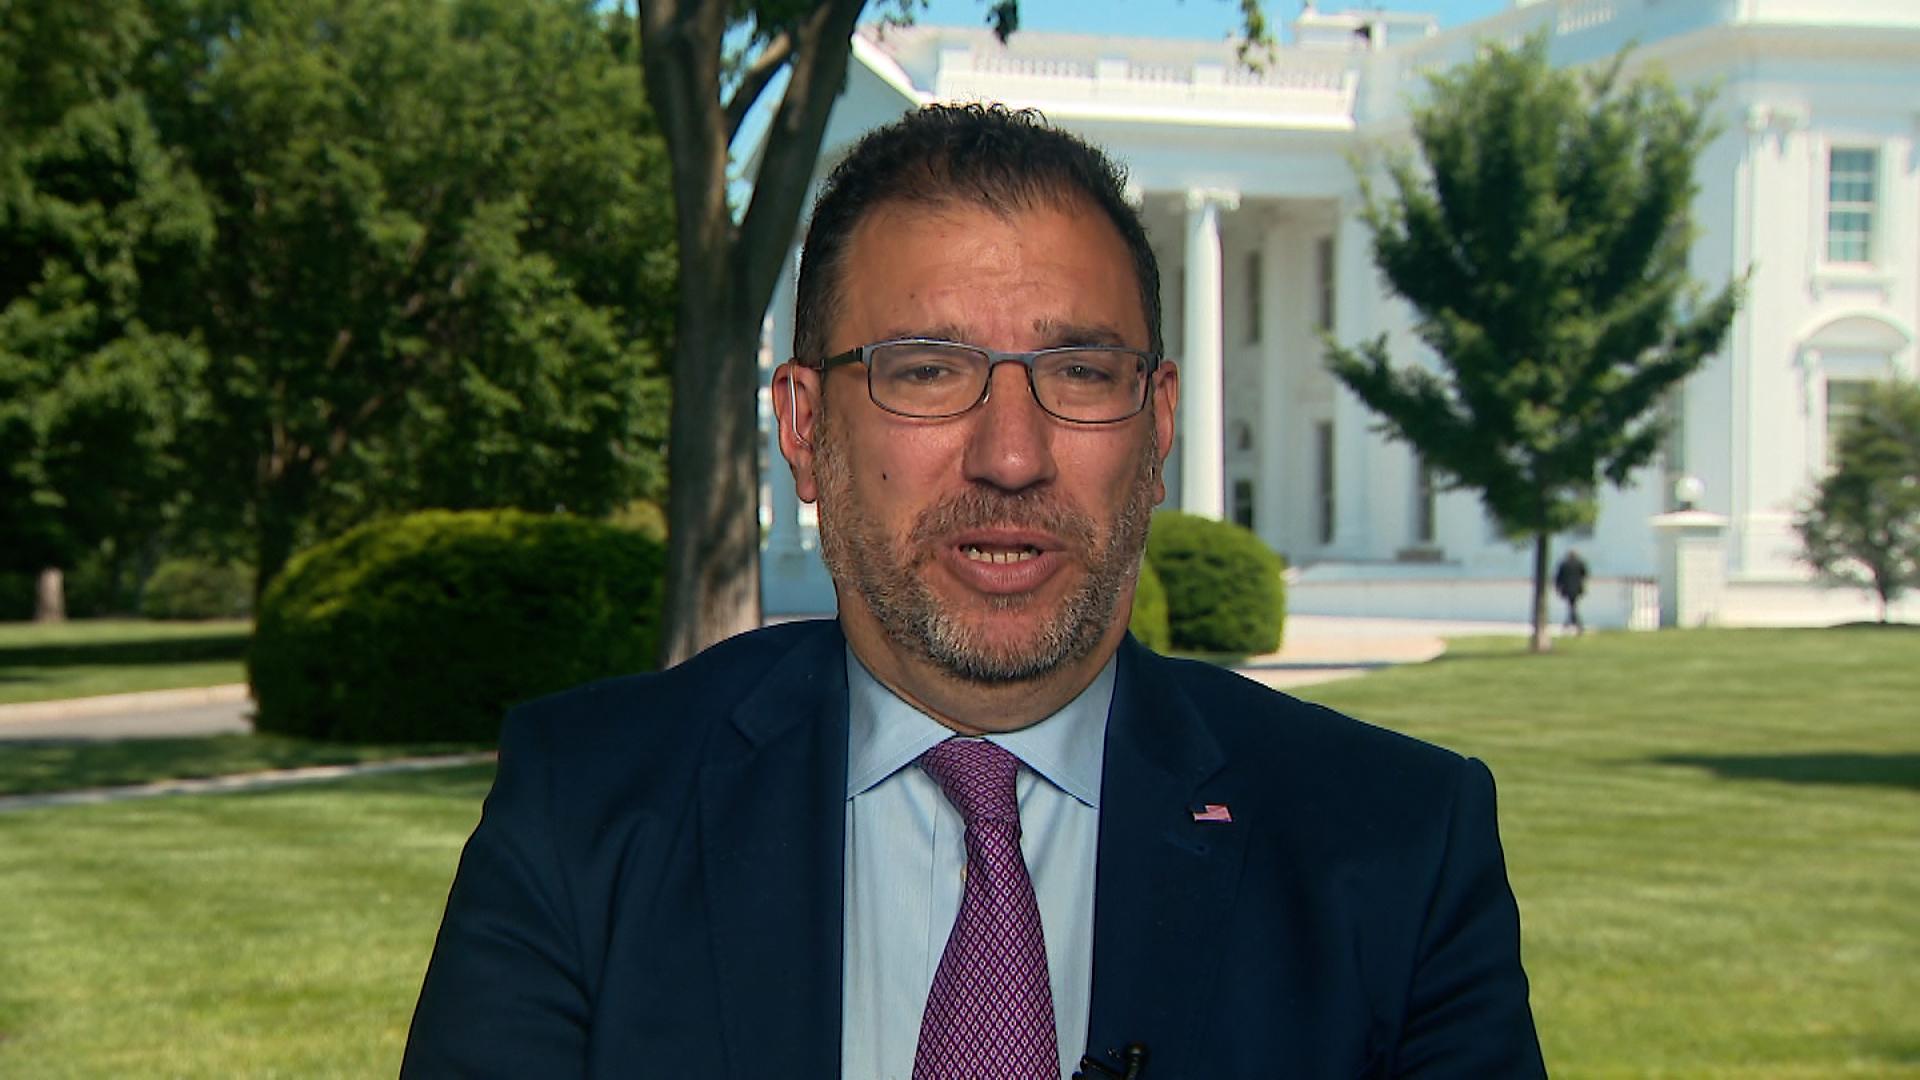 Andy Slavitt, the White House senior adviser on Covid-19 response, speaks during an interview on May 21.